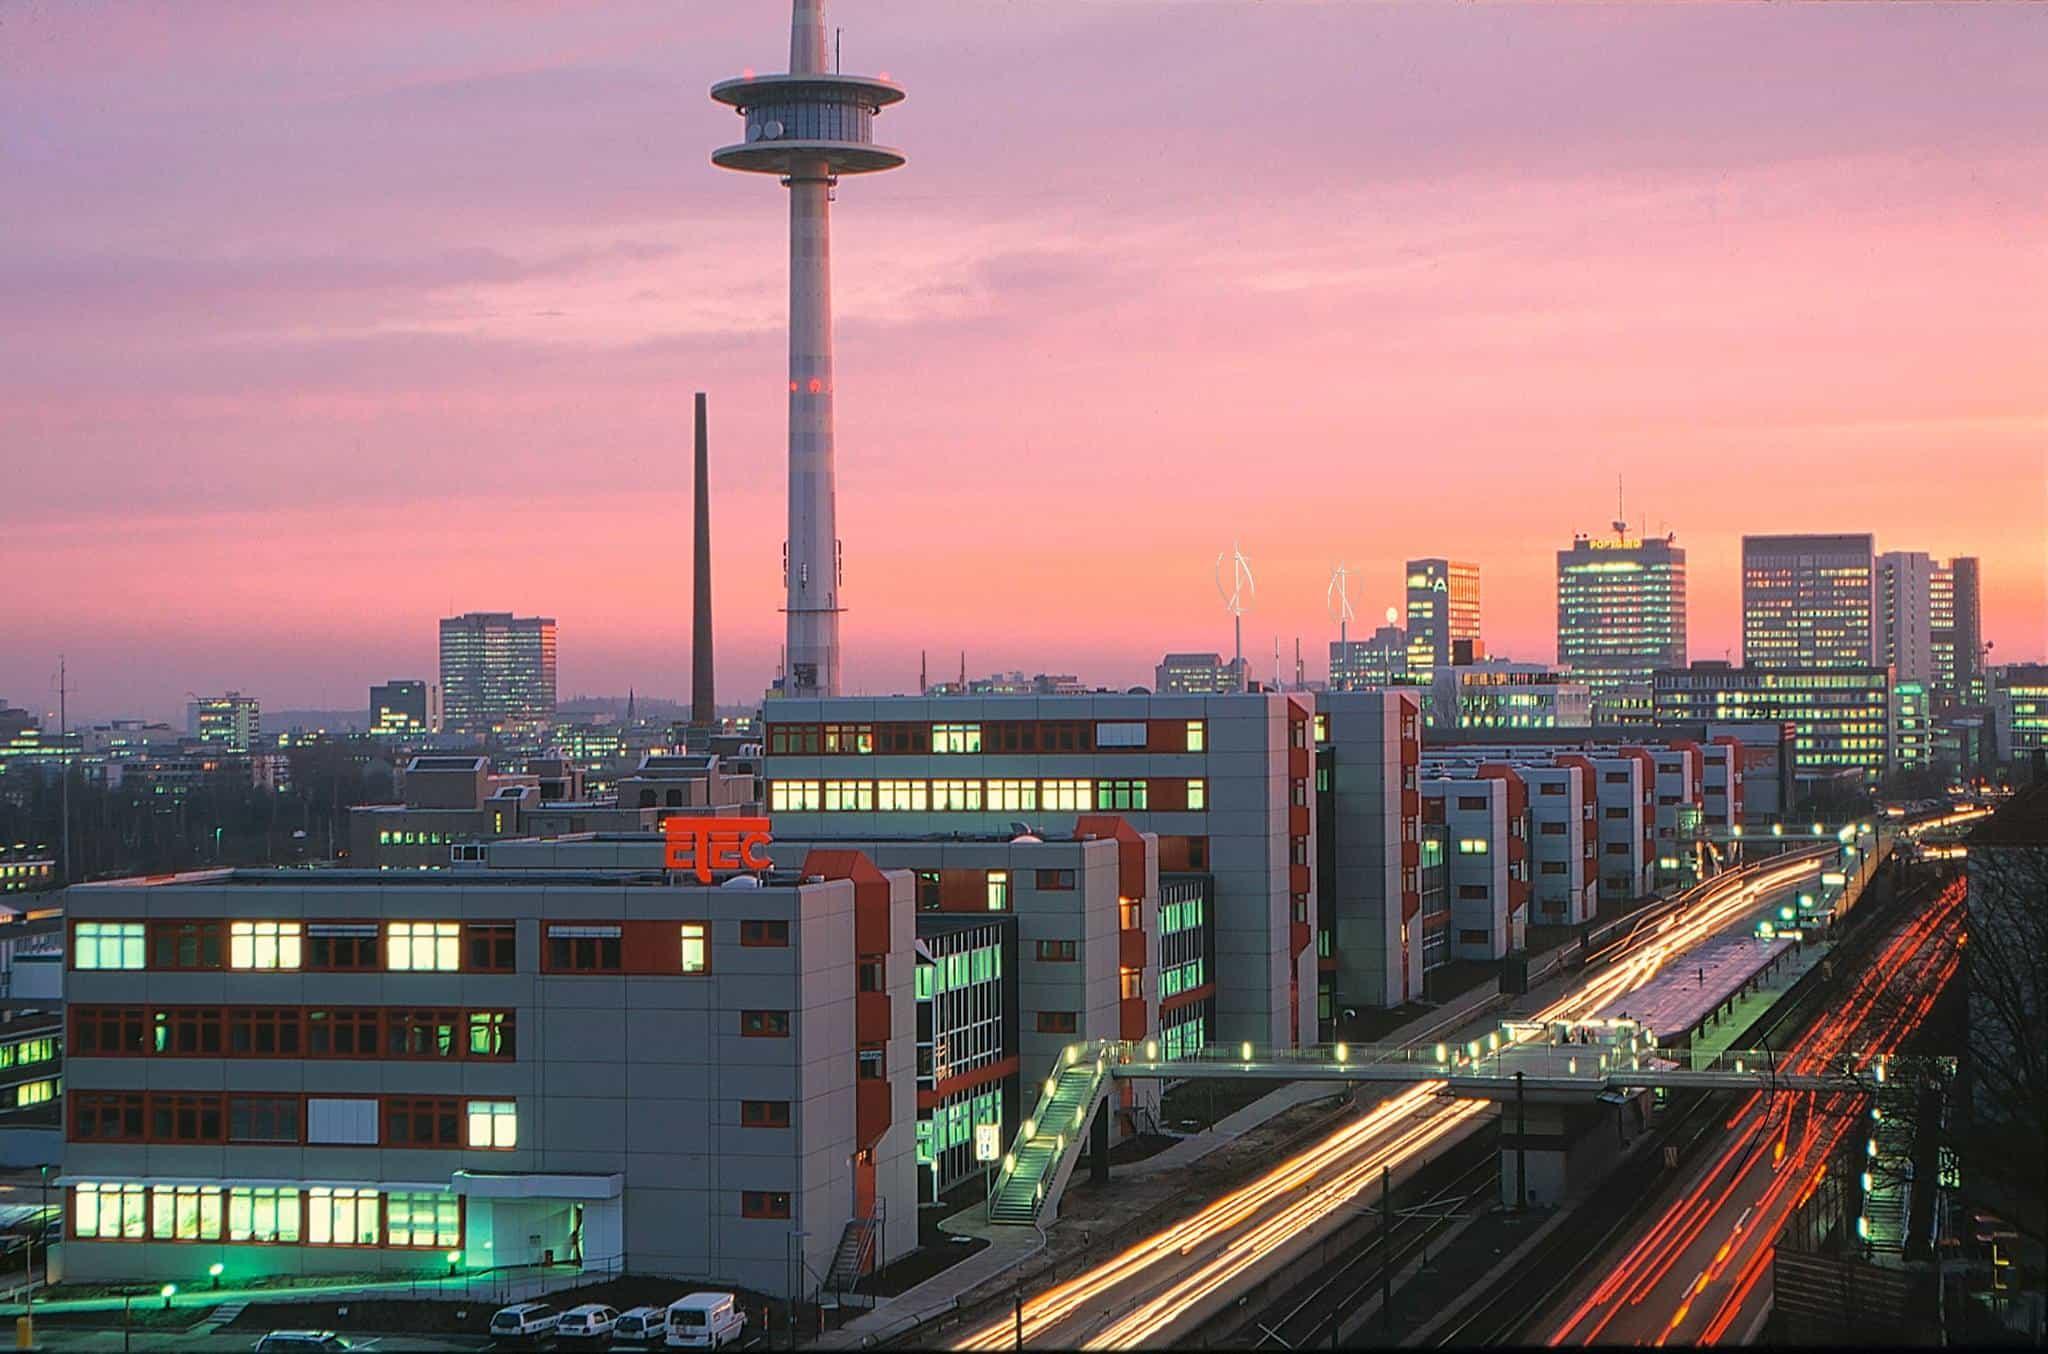 Skyline einer Stadt bei Sonnenuntergang